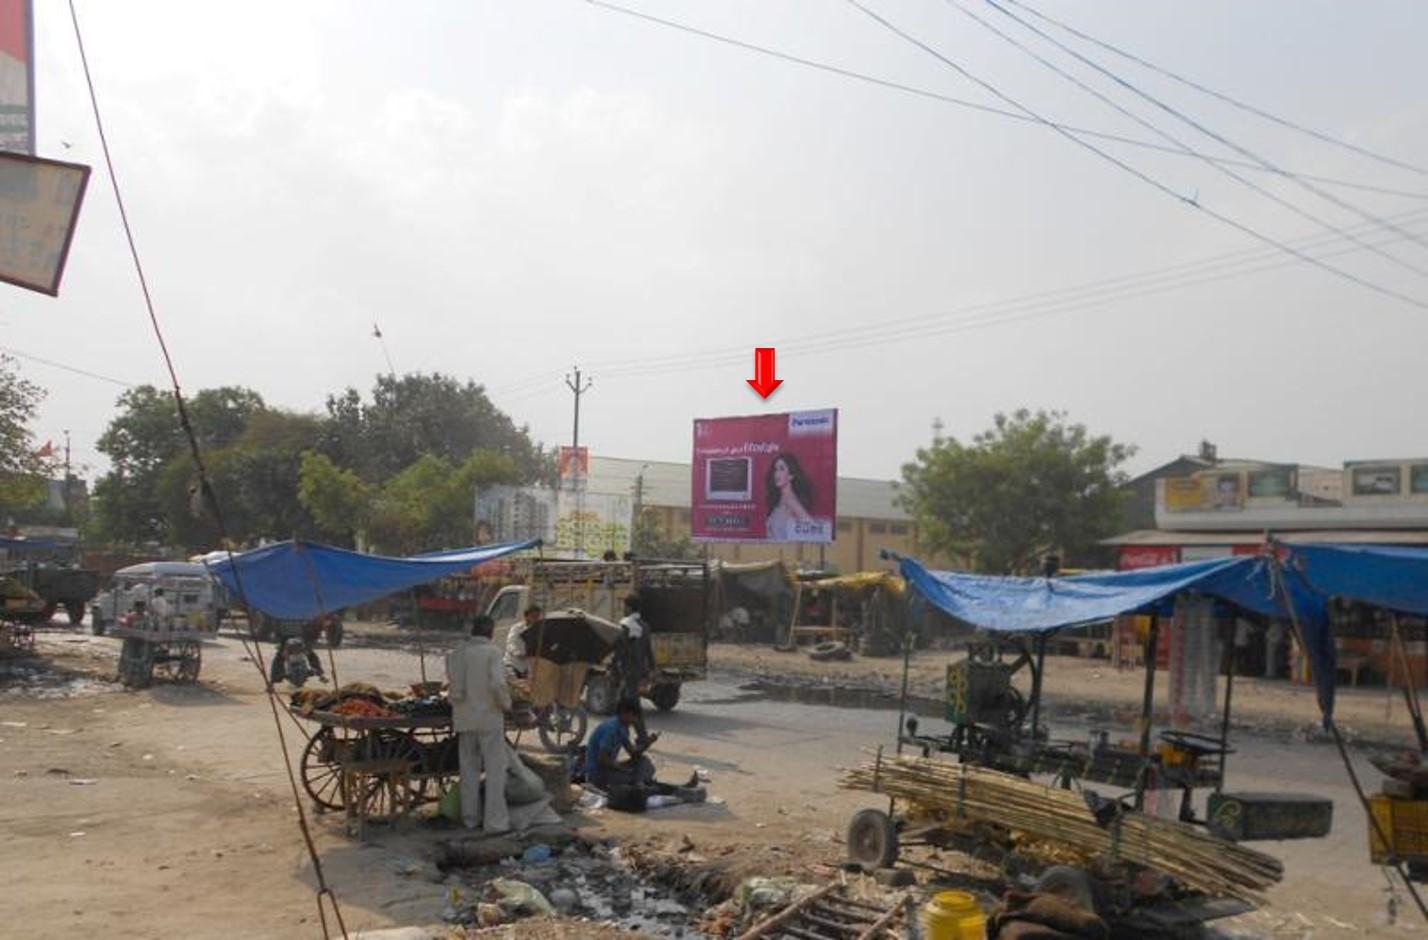 Opp. FCI Godown, Goverdhan Road, Mathura